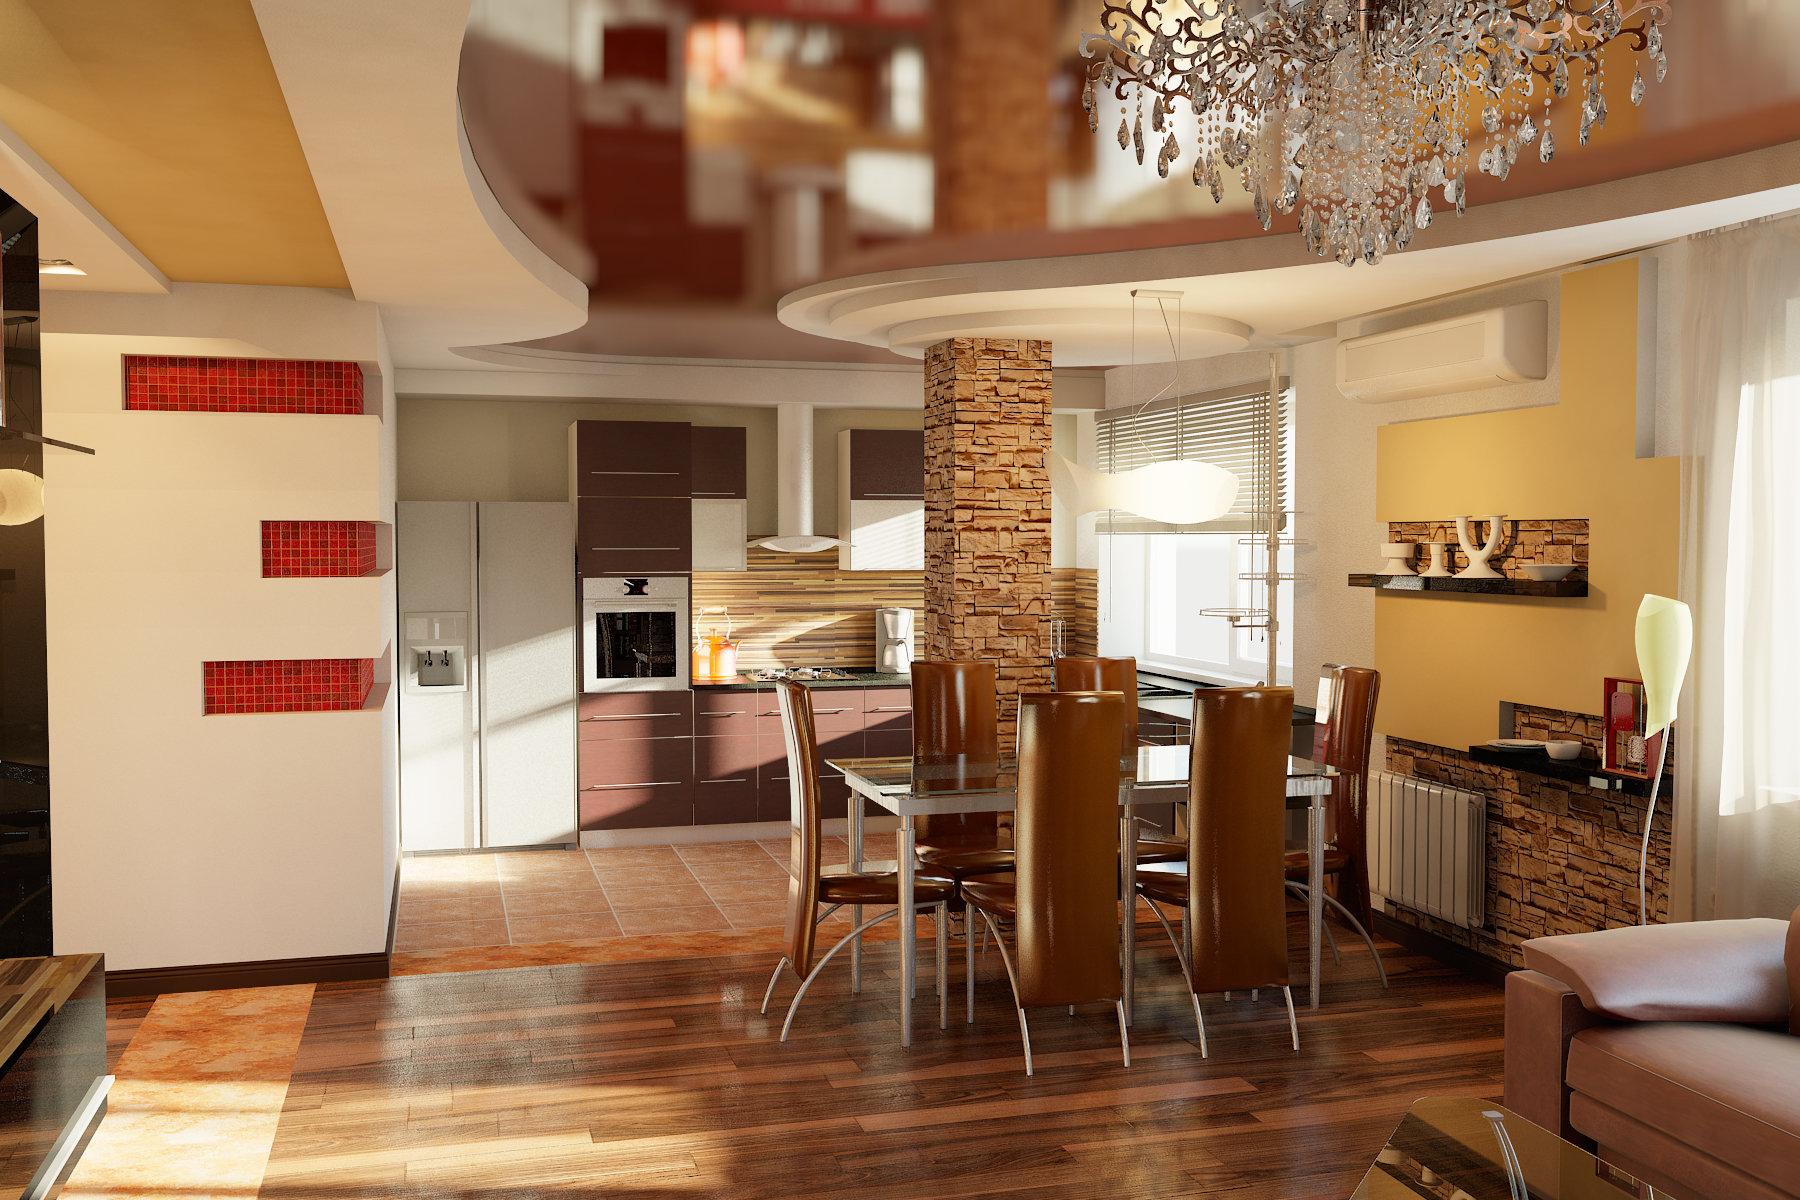 Цель перепланировки - изменить конфигурацию квартиры, повысить уровень комфорта и условий проживания, изменить дизайн помещений.